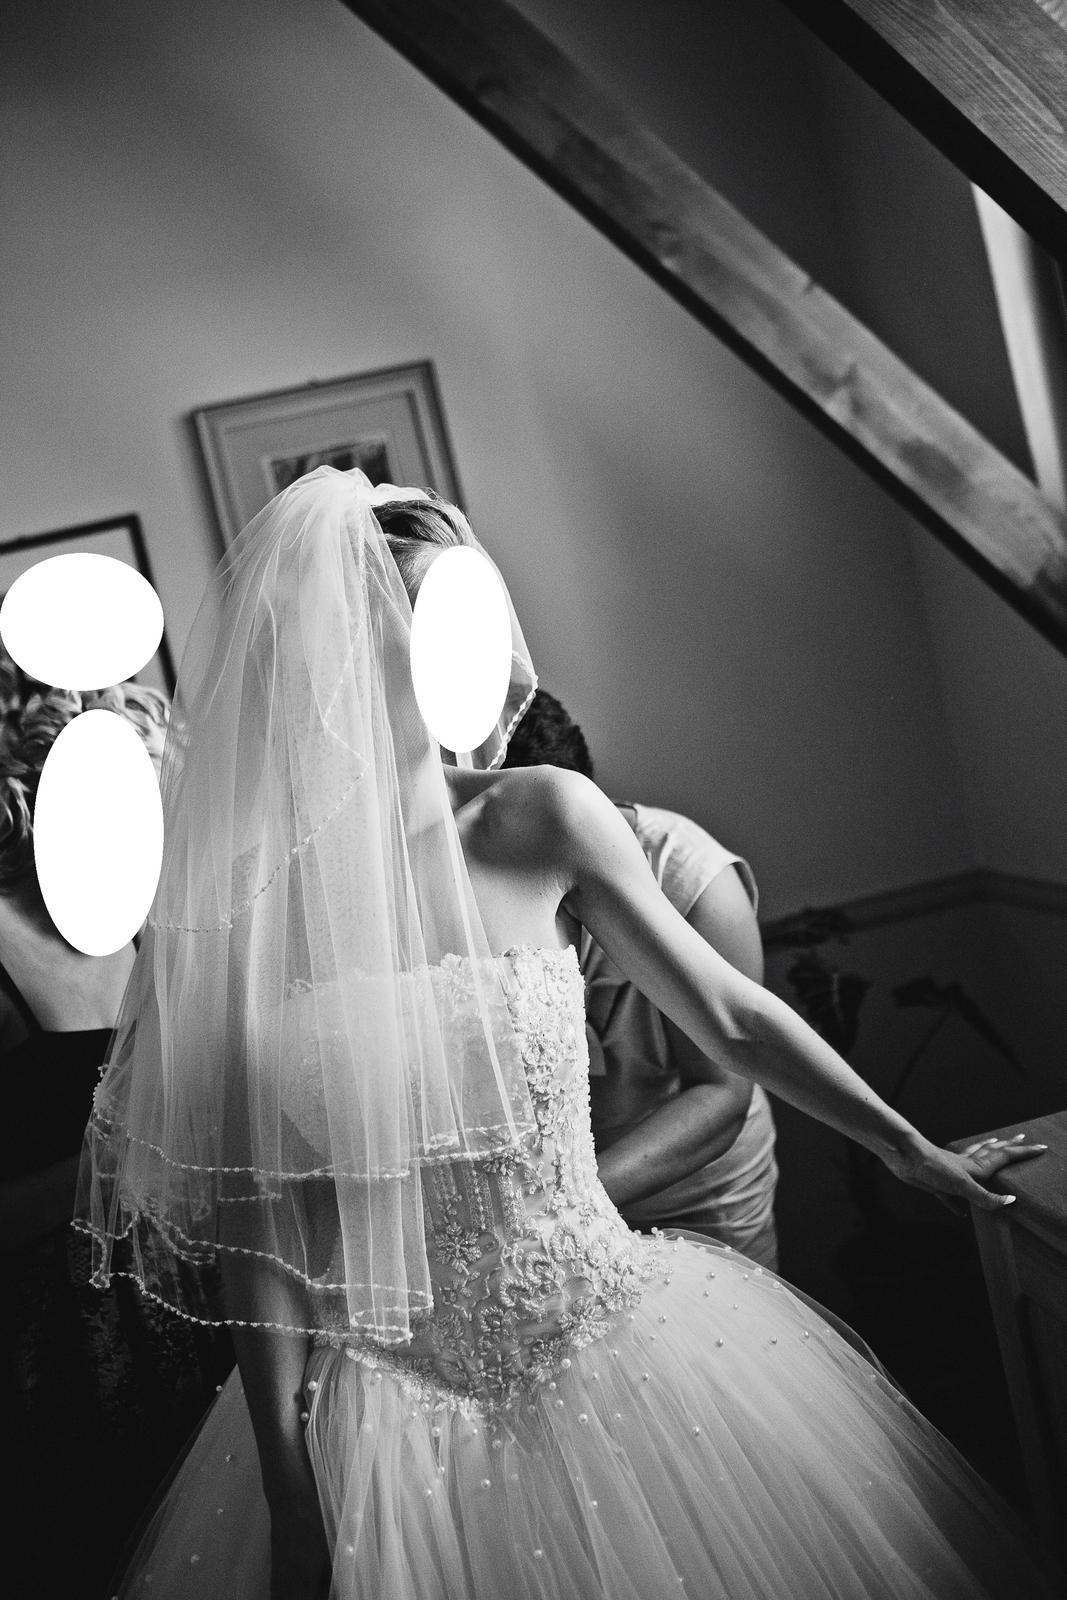 Nadherne svadobne saty (cely set) - Obrázok č. 4